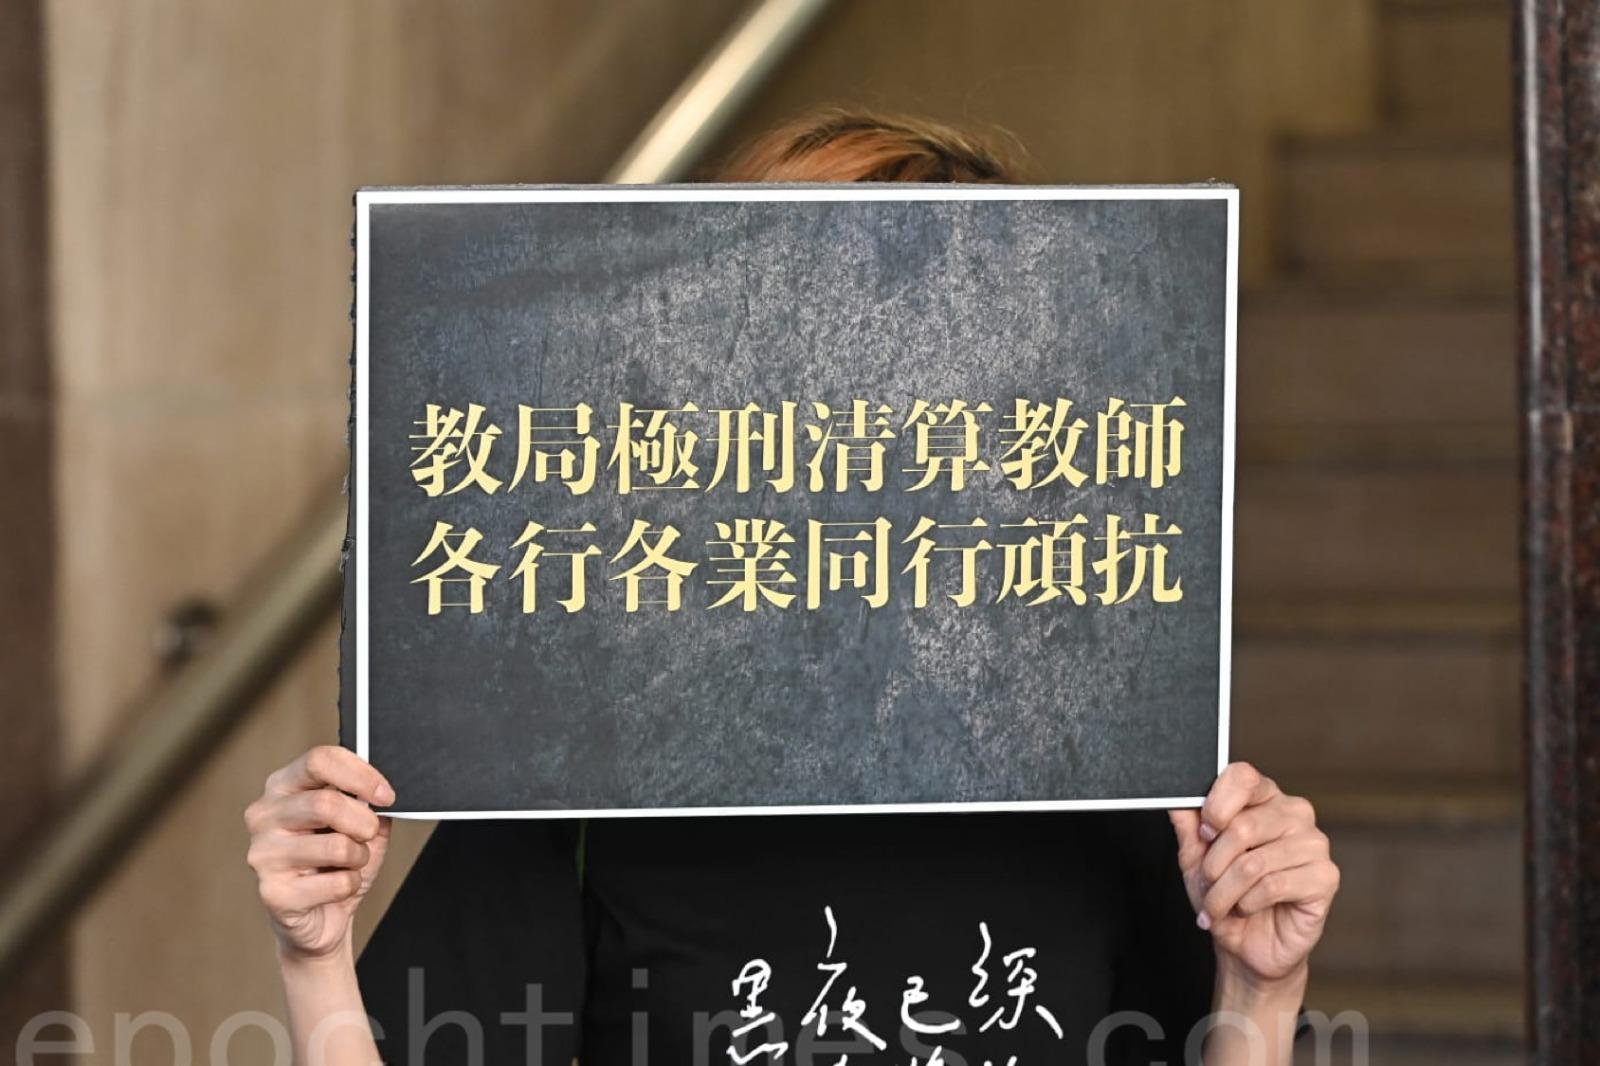 有人高舉「教局極刑清算教師 各行各業同行頑抗」的標語。(宋碧龍/大紀元)